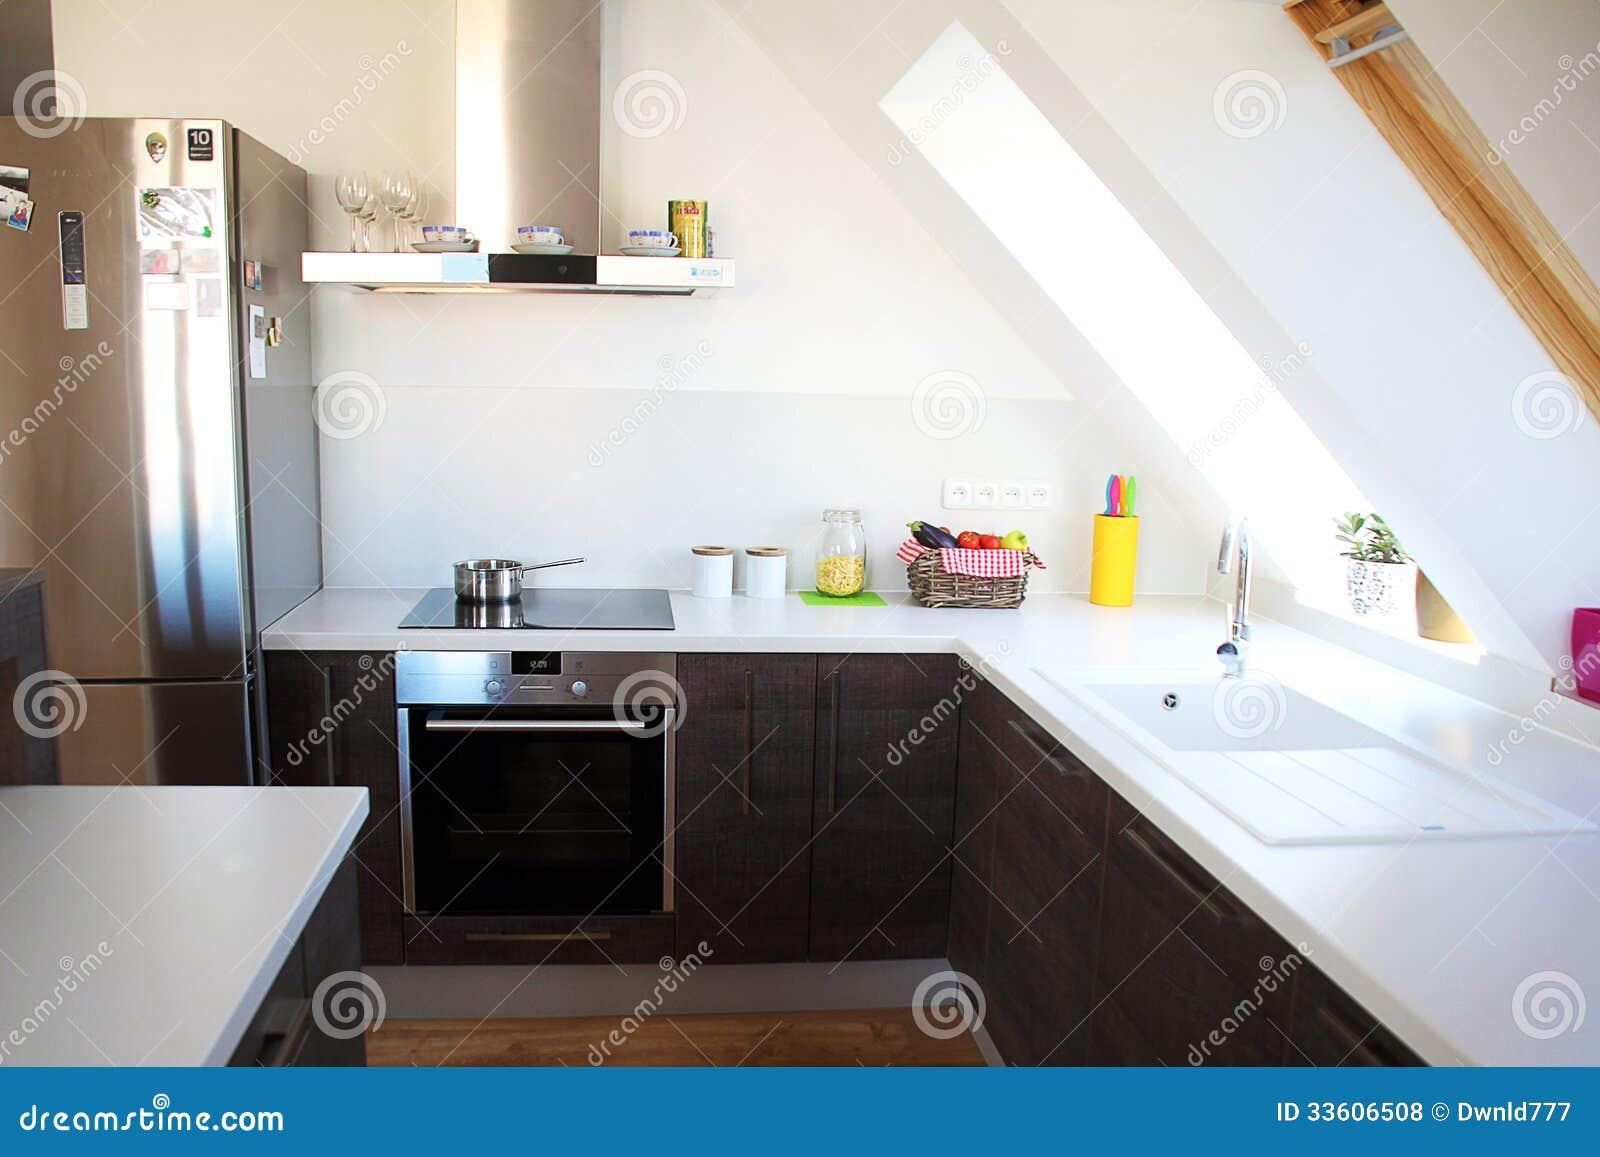 Fantastisch Download Gemütliche Moderne Küche Stockfoto. Bild Von Nahaufnahme   33606508